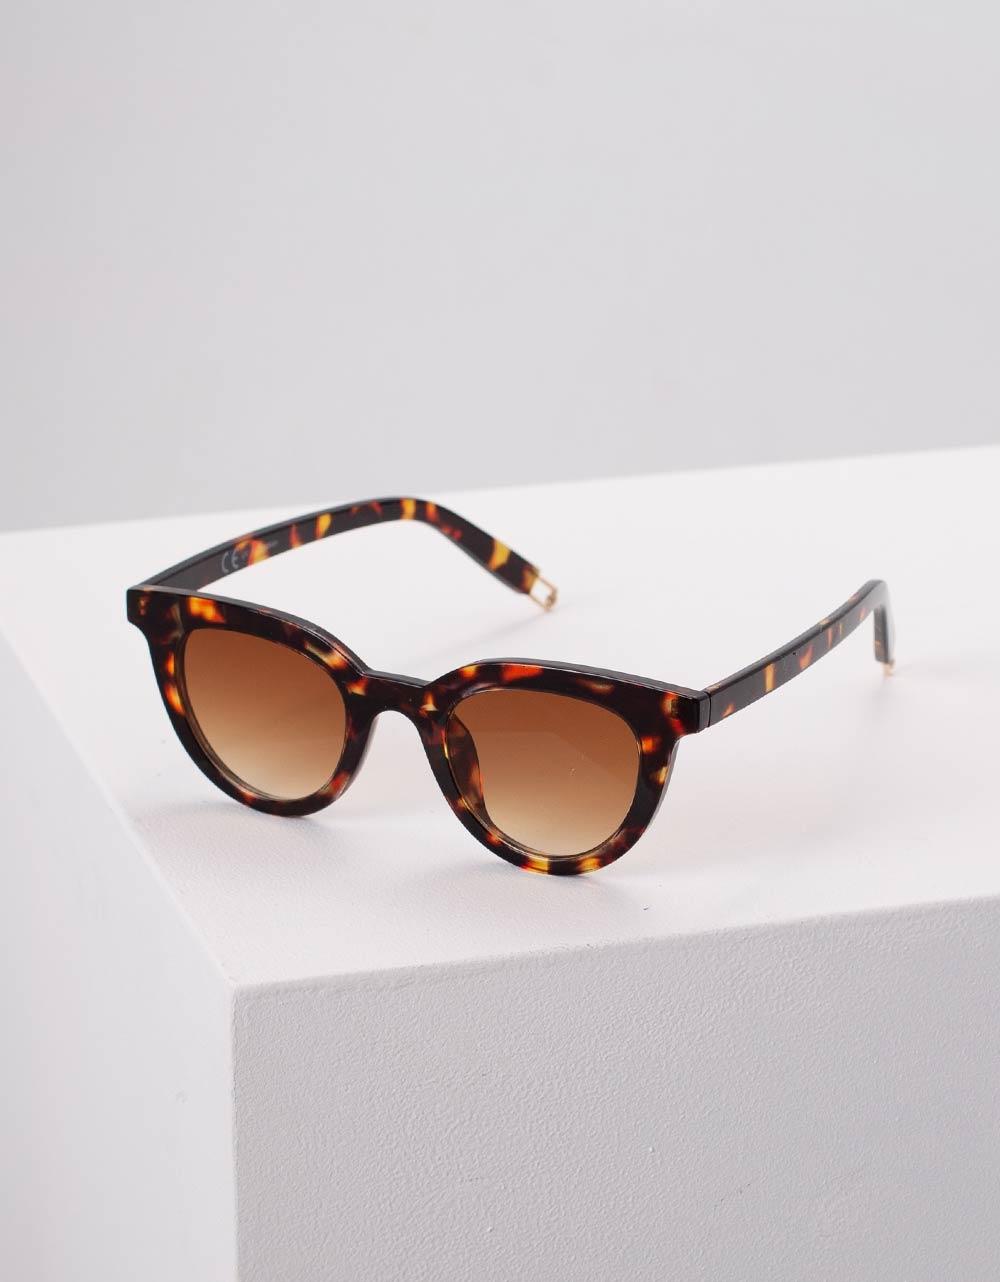 Εικόνα από Γυναικεία γυαλιά ηλίου μονόχρωμα Καφέ